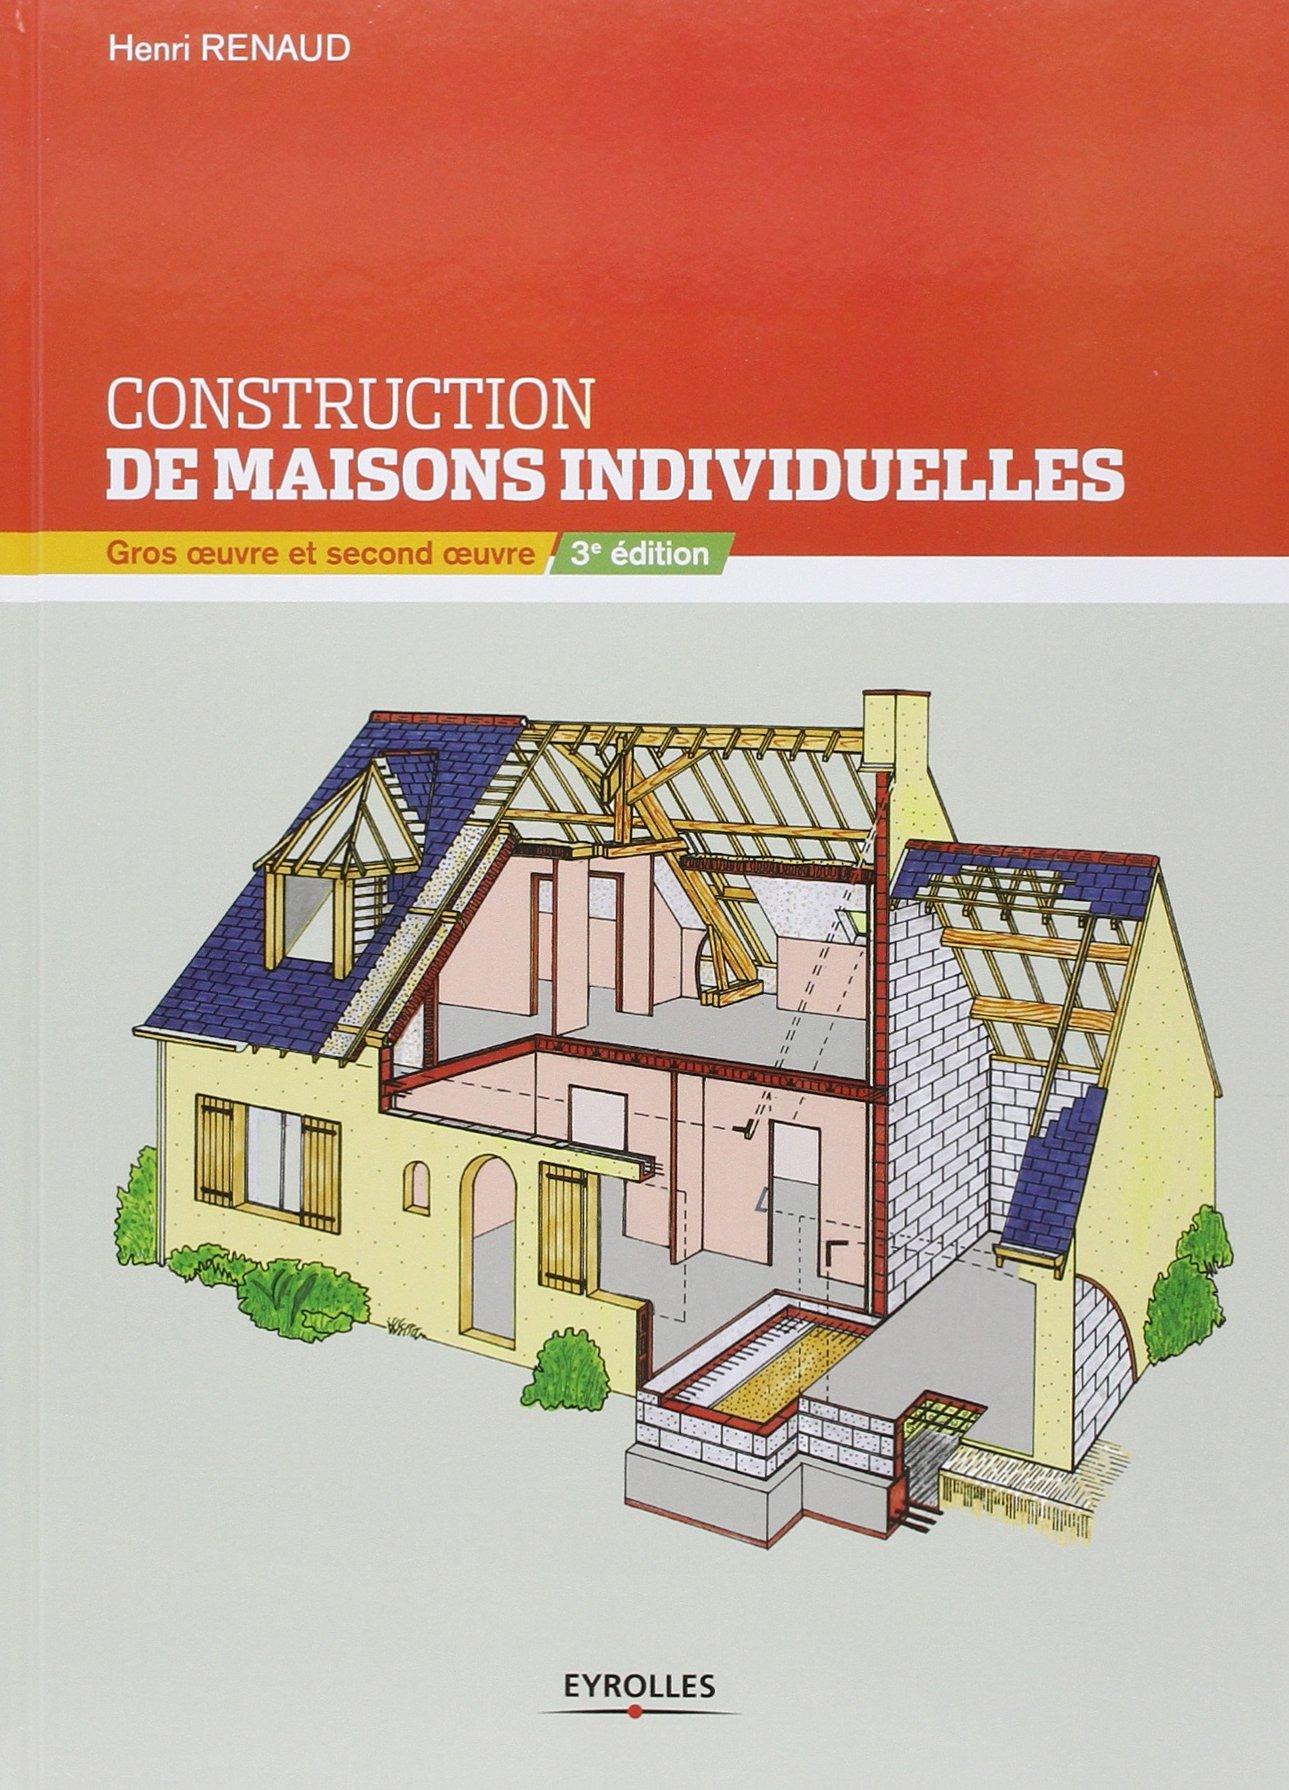 amazonfr construction de maisons individuelles gros oeuvre et second oeuvre henri renaud livres - Metier Pour Construire Une Maison